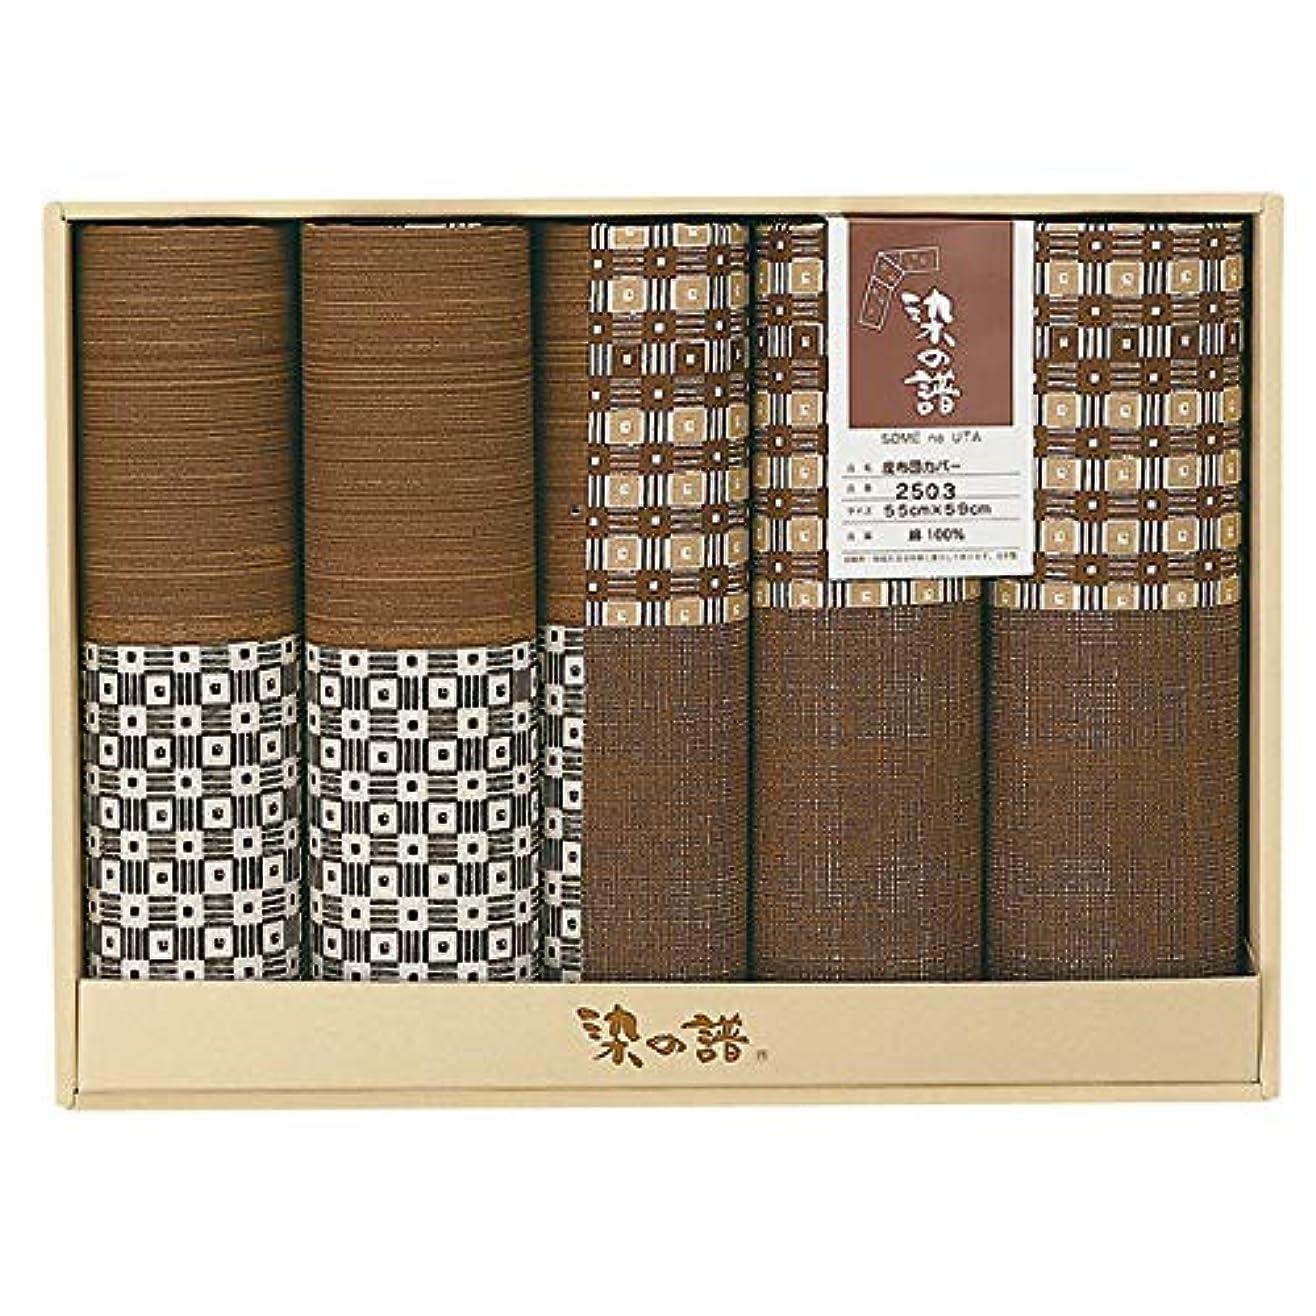 学士タイムリーな暗殺する豊泉産業 座布団カバー ブラウン 55×59cm 染の譜 織目格子柄 5枚セット 日本製 化粧箱入 2503BR